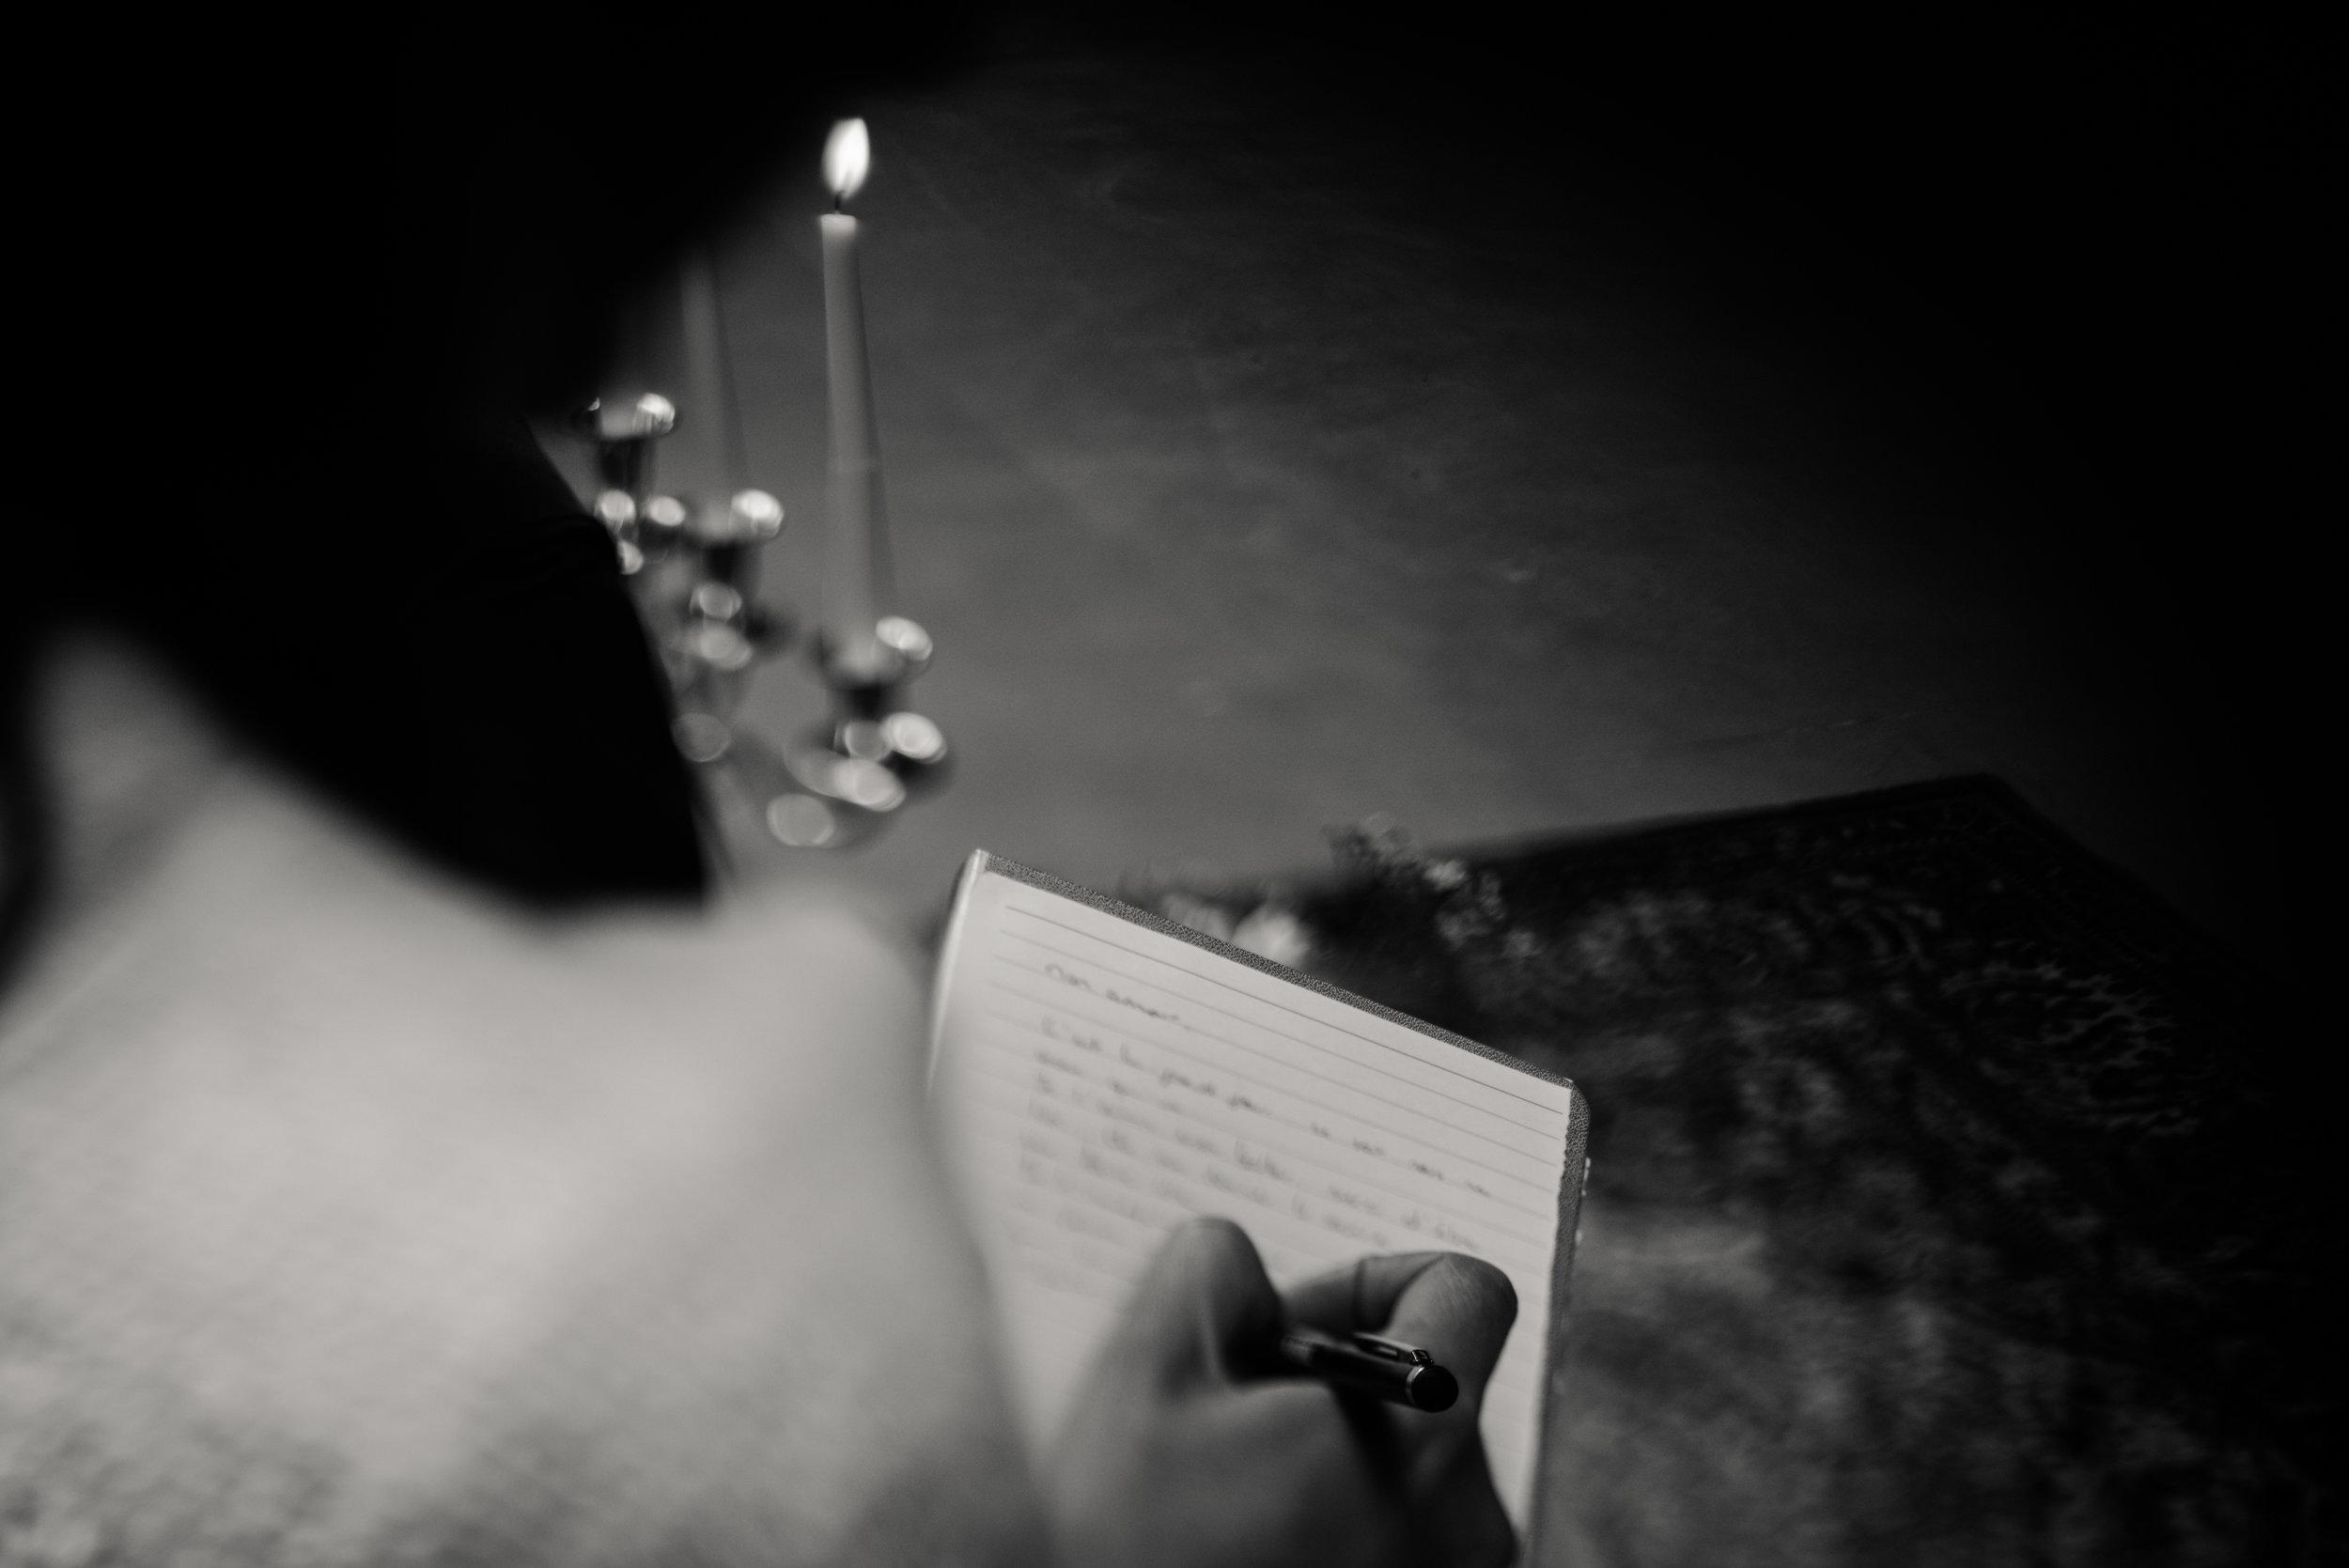 Léa-Fery-photographe-professionnel-lyon-rhone-alpes-portrait-creation-mariage-evenement-evenementiel-famille-1667.jpg